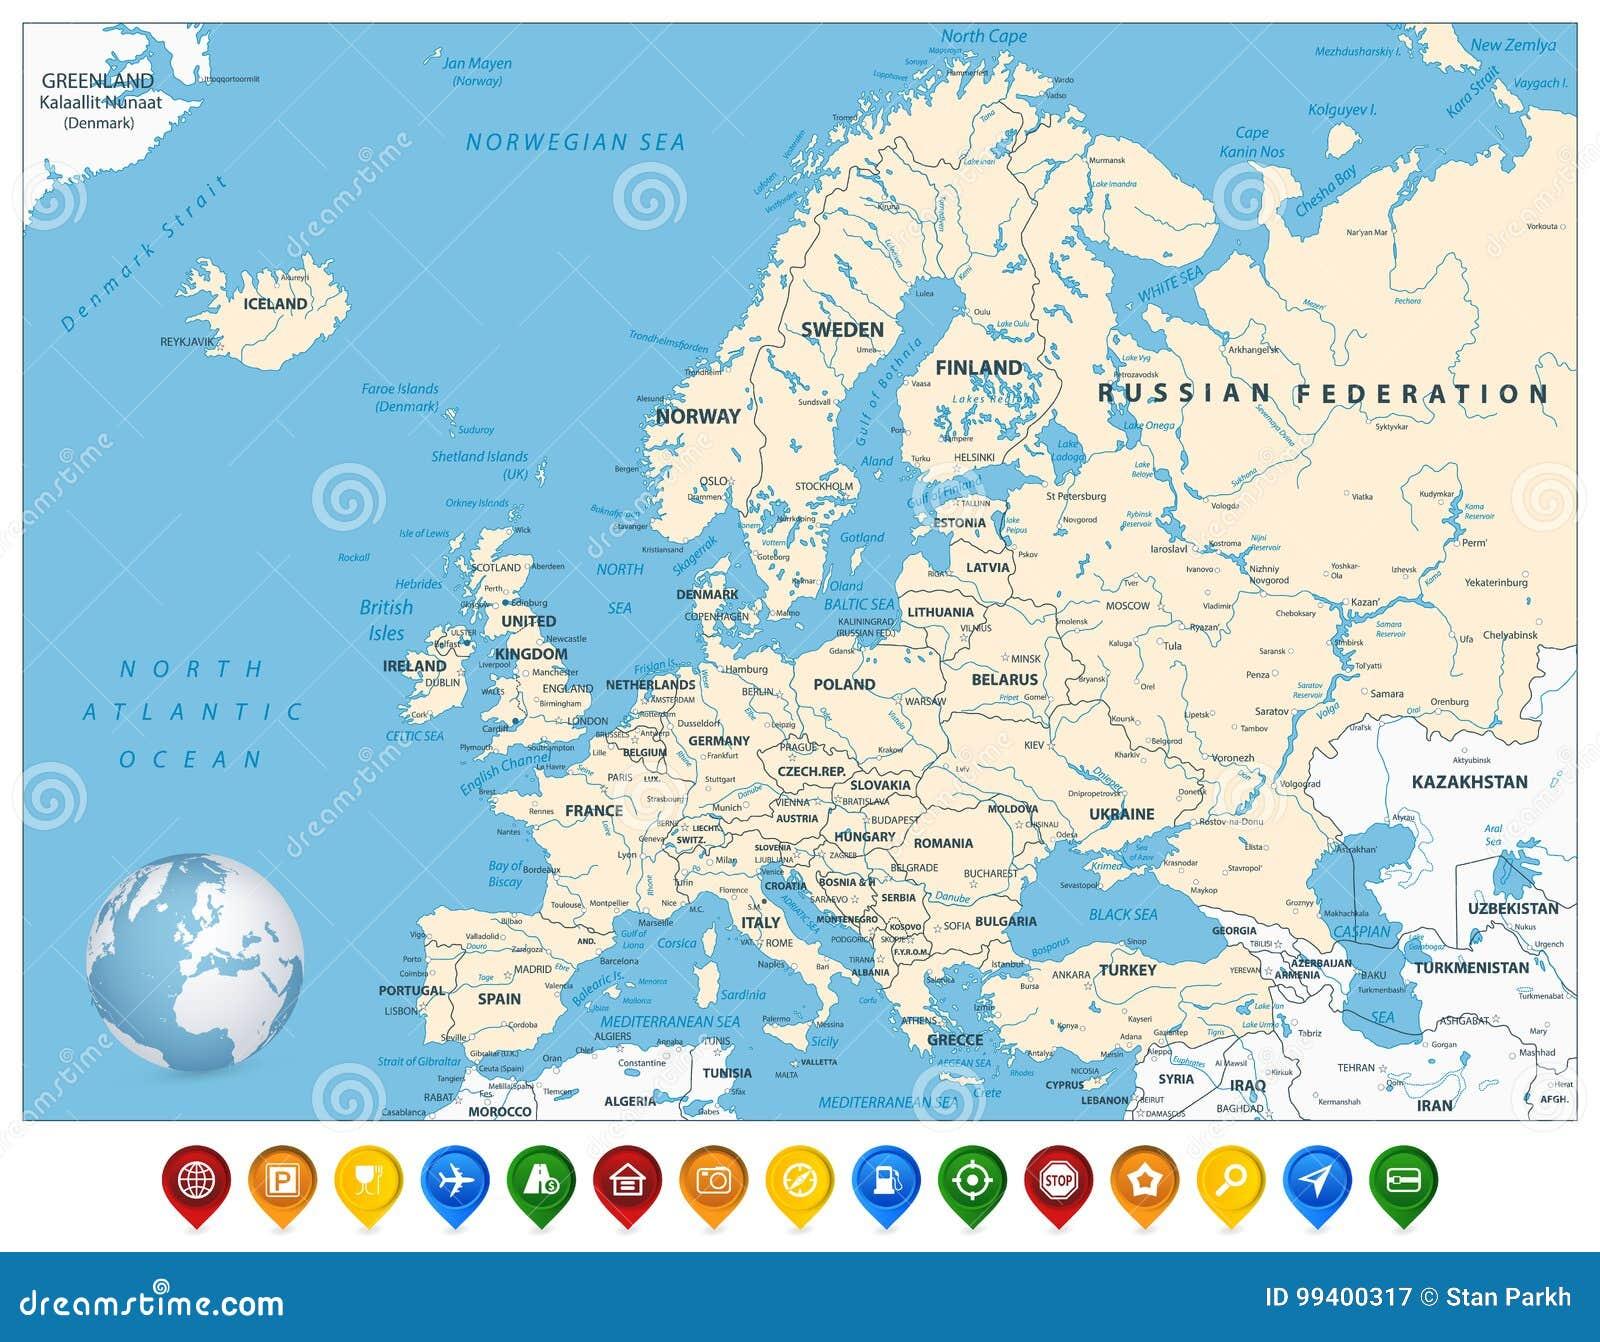 Europakarte Nordeuropa Karte.Ausführliche Europa Karte Und Bunte Karten Markierungen Vektor